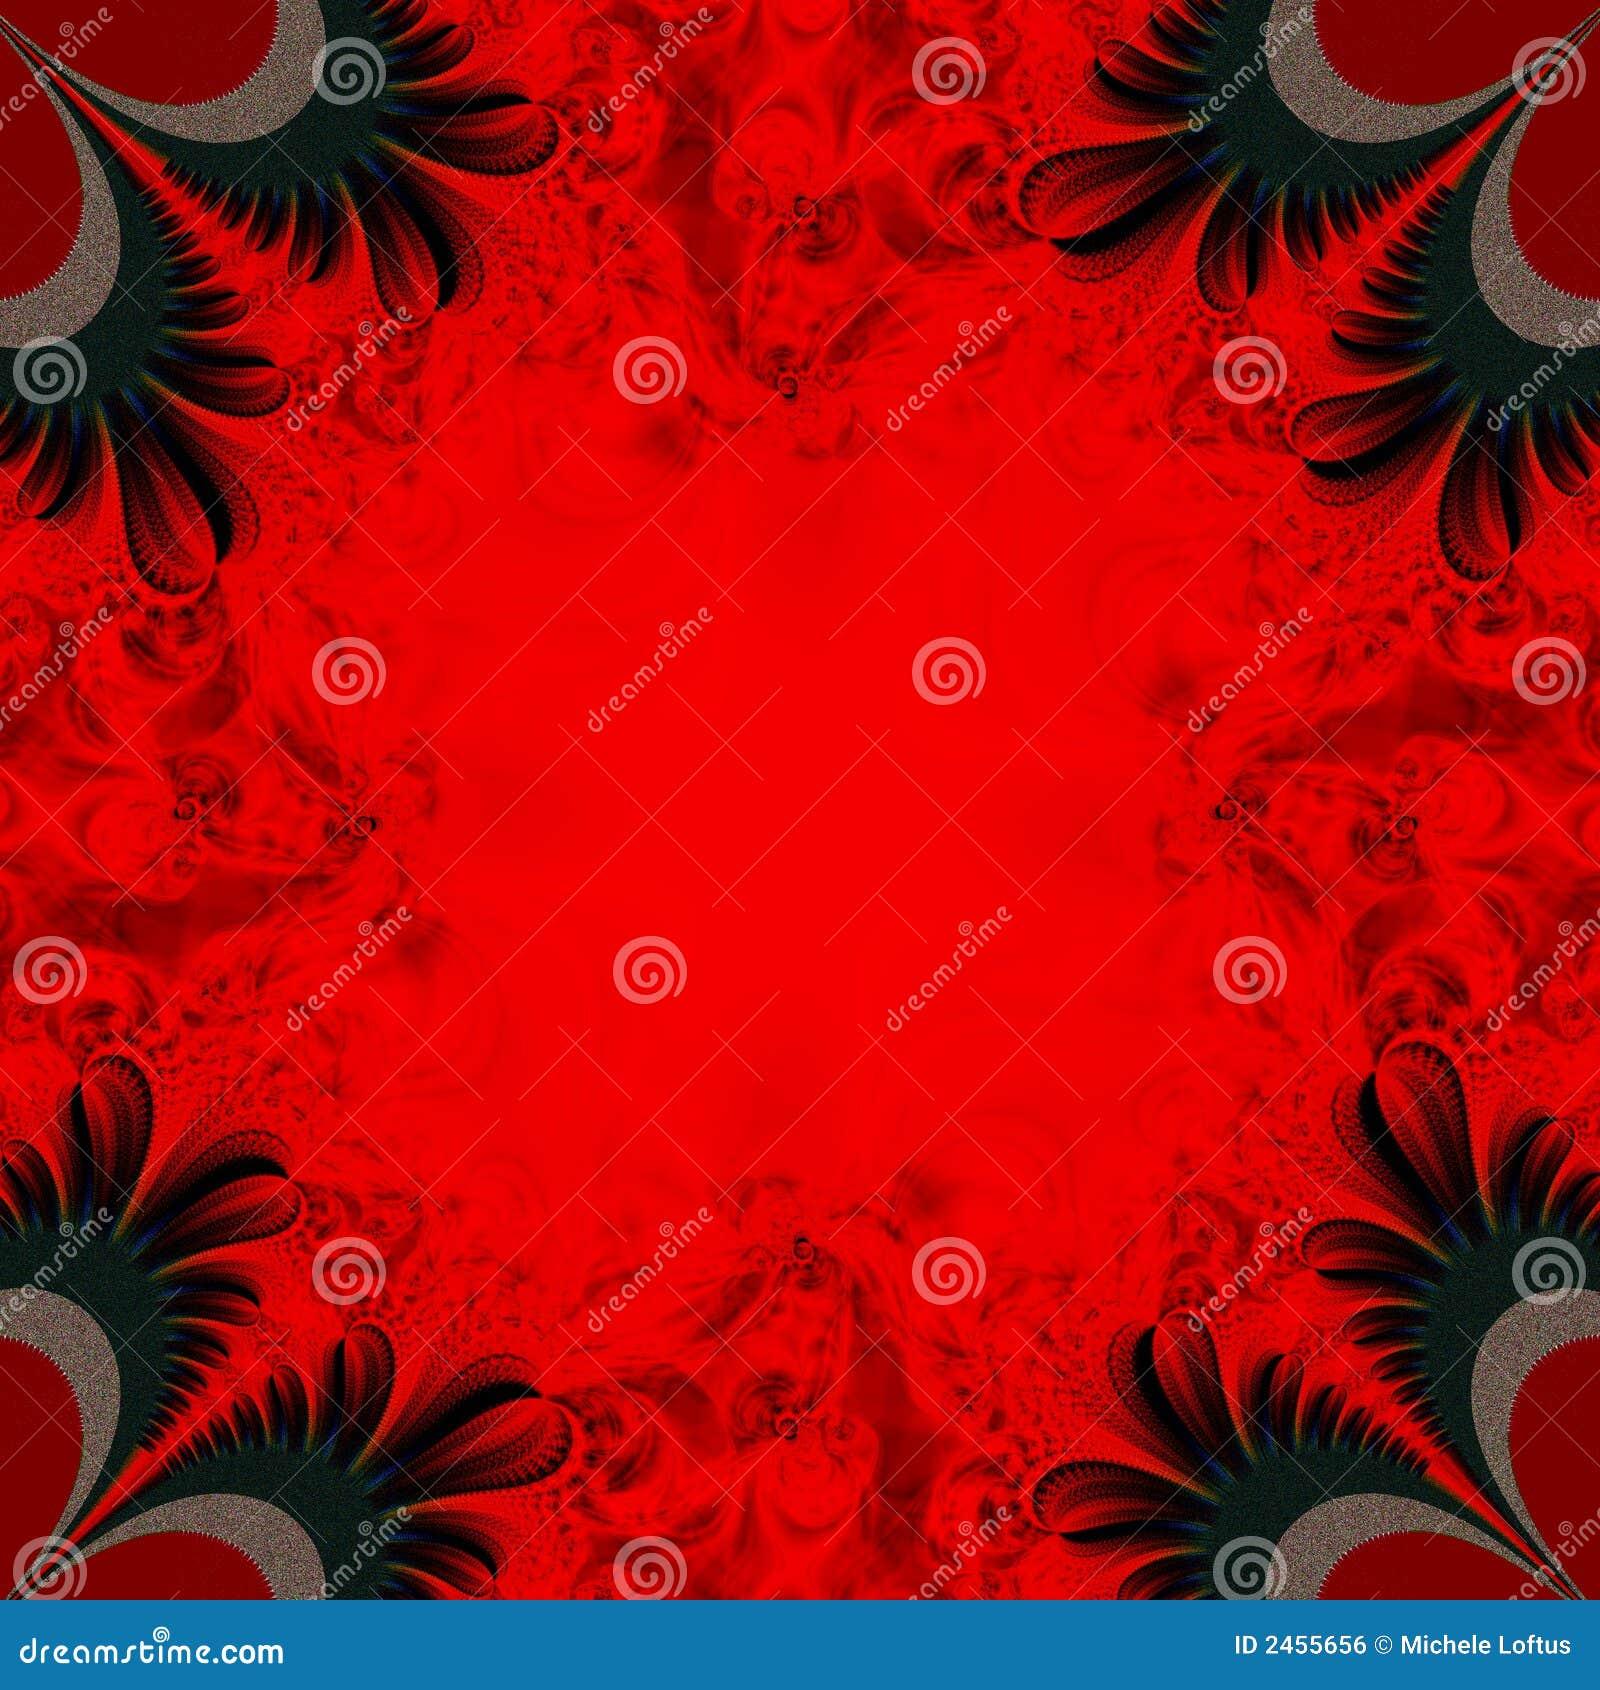 red and black background stock illustration illustration of design 2455656. Black Bedroom Furniture Sets. Home Design Ideas